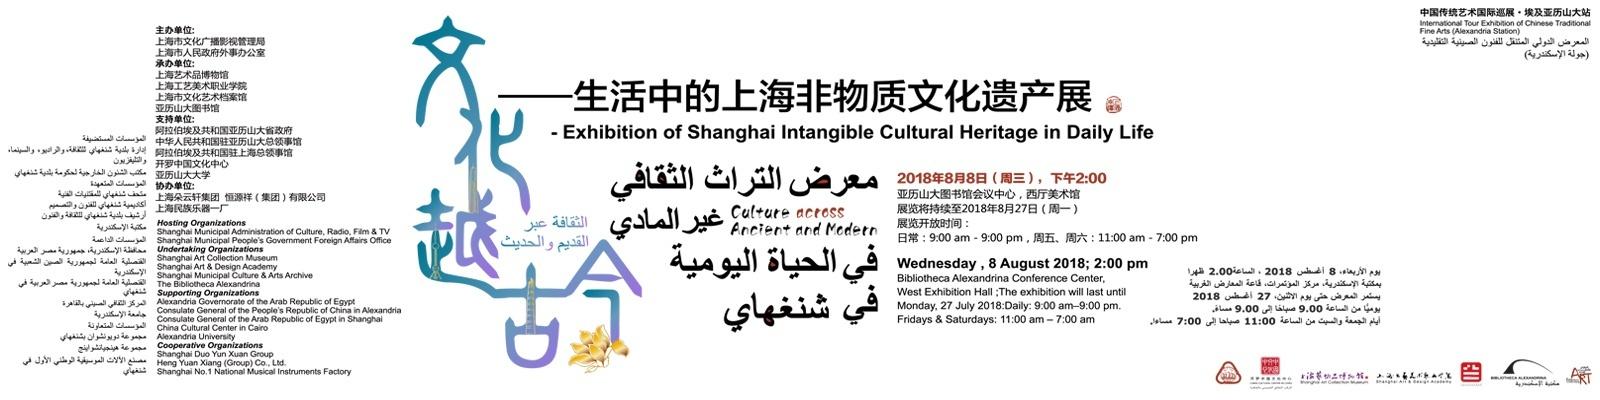 التراث الثقافي غير المادي في الحياة اليومية في شنغهاي